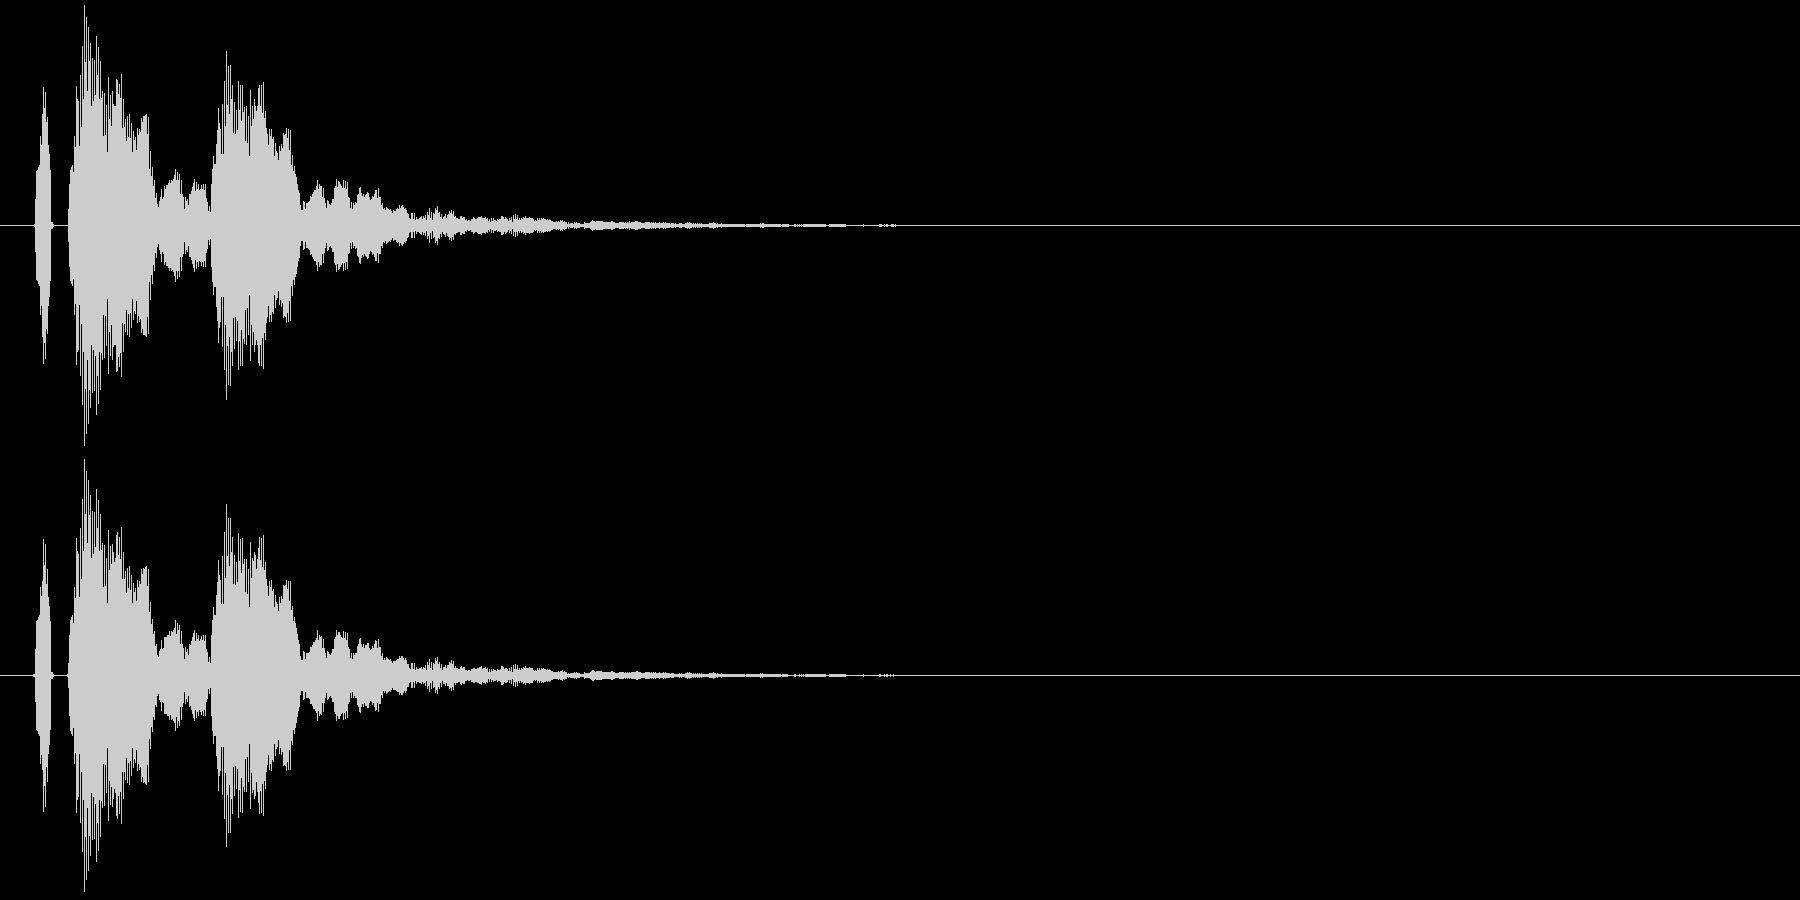 【ポポン!】とてもリアルな太鼓の鼓!11の未再生の波形